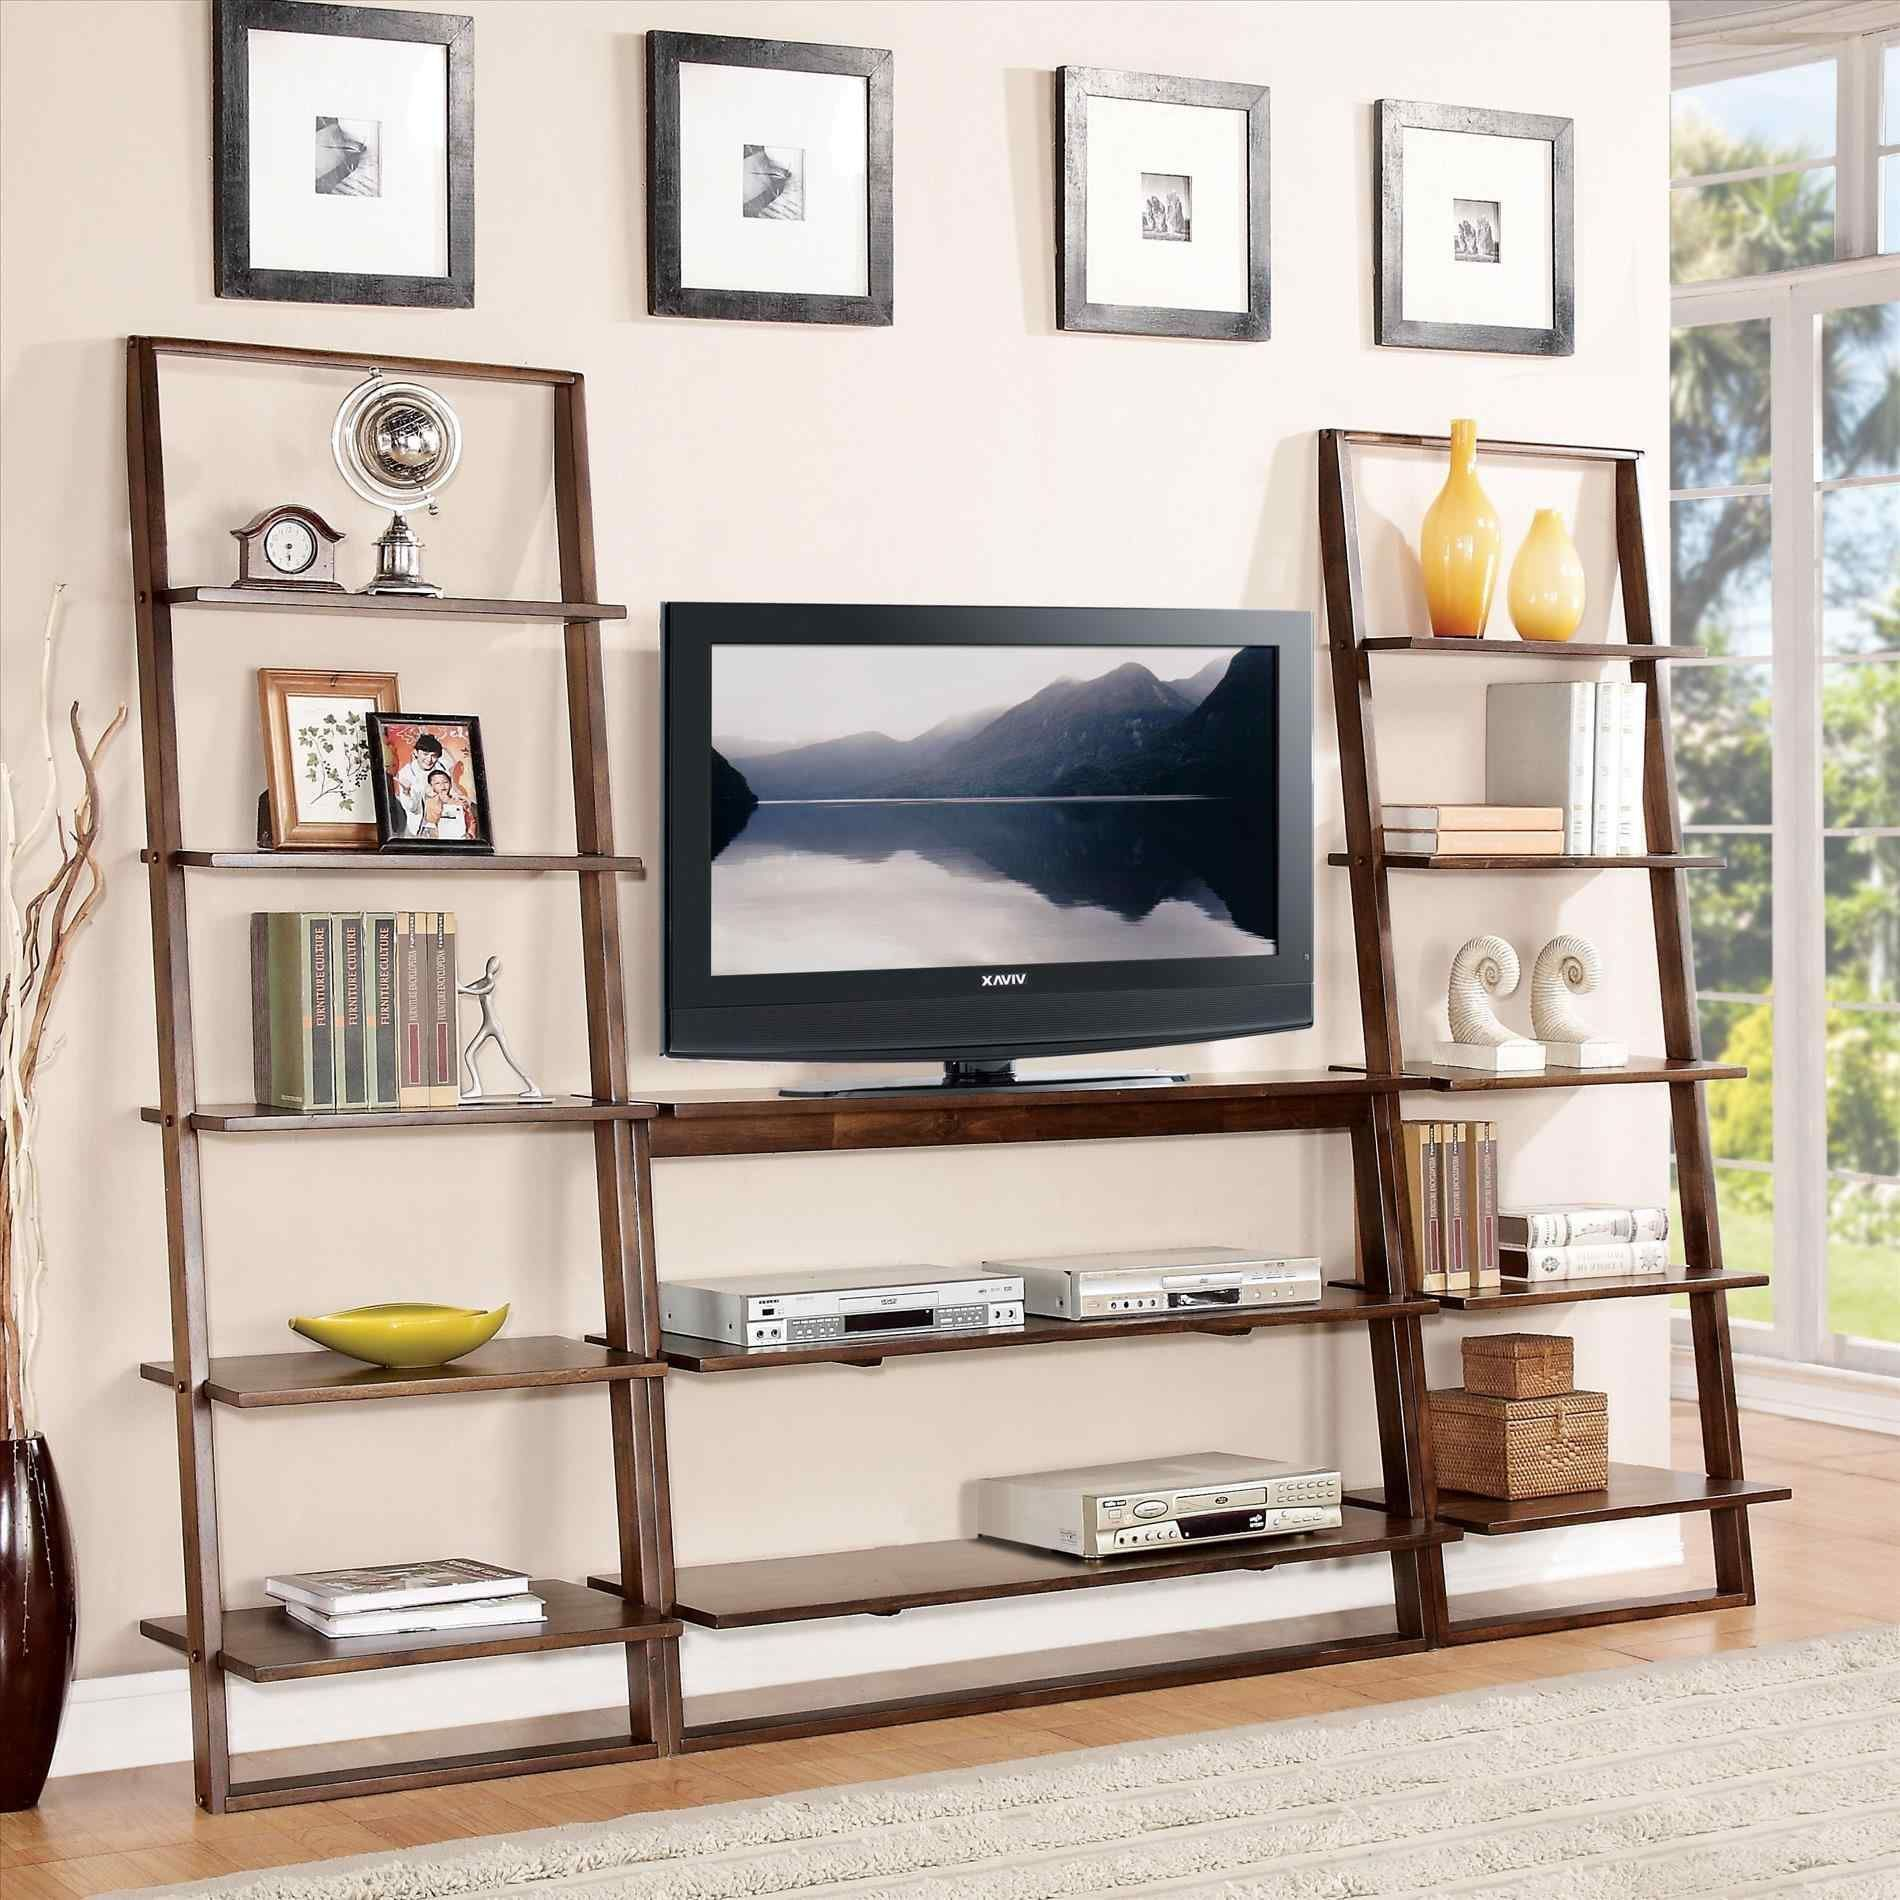 Adorable tv wall decor ideas 29